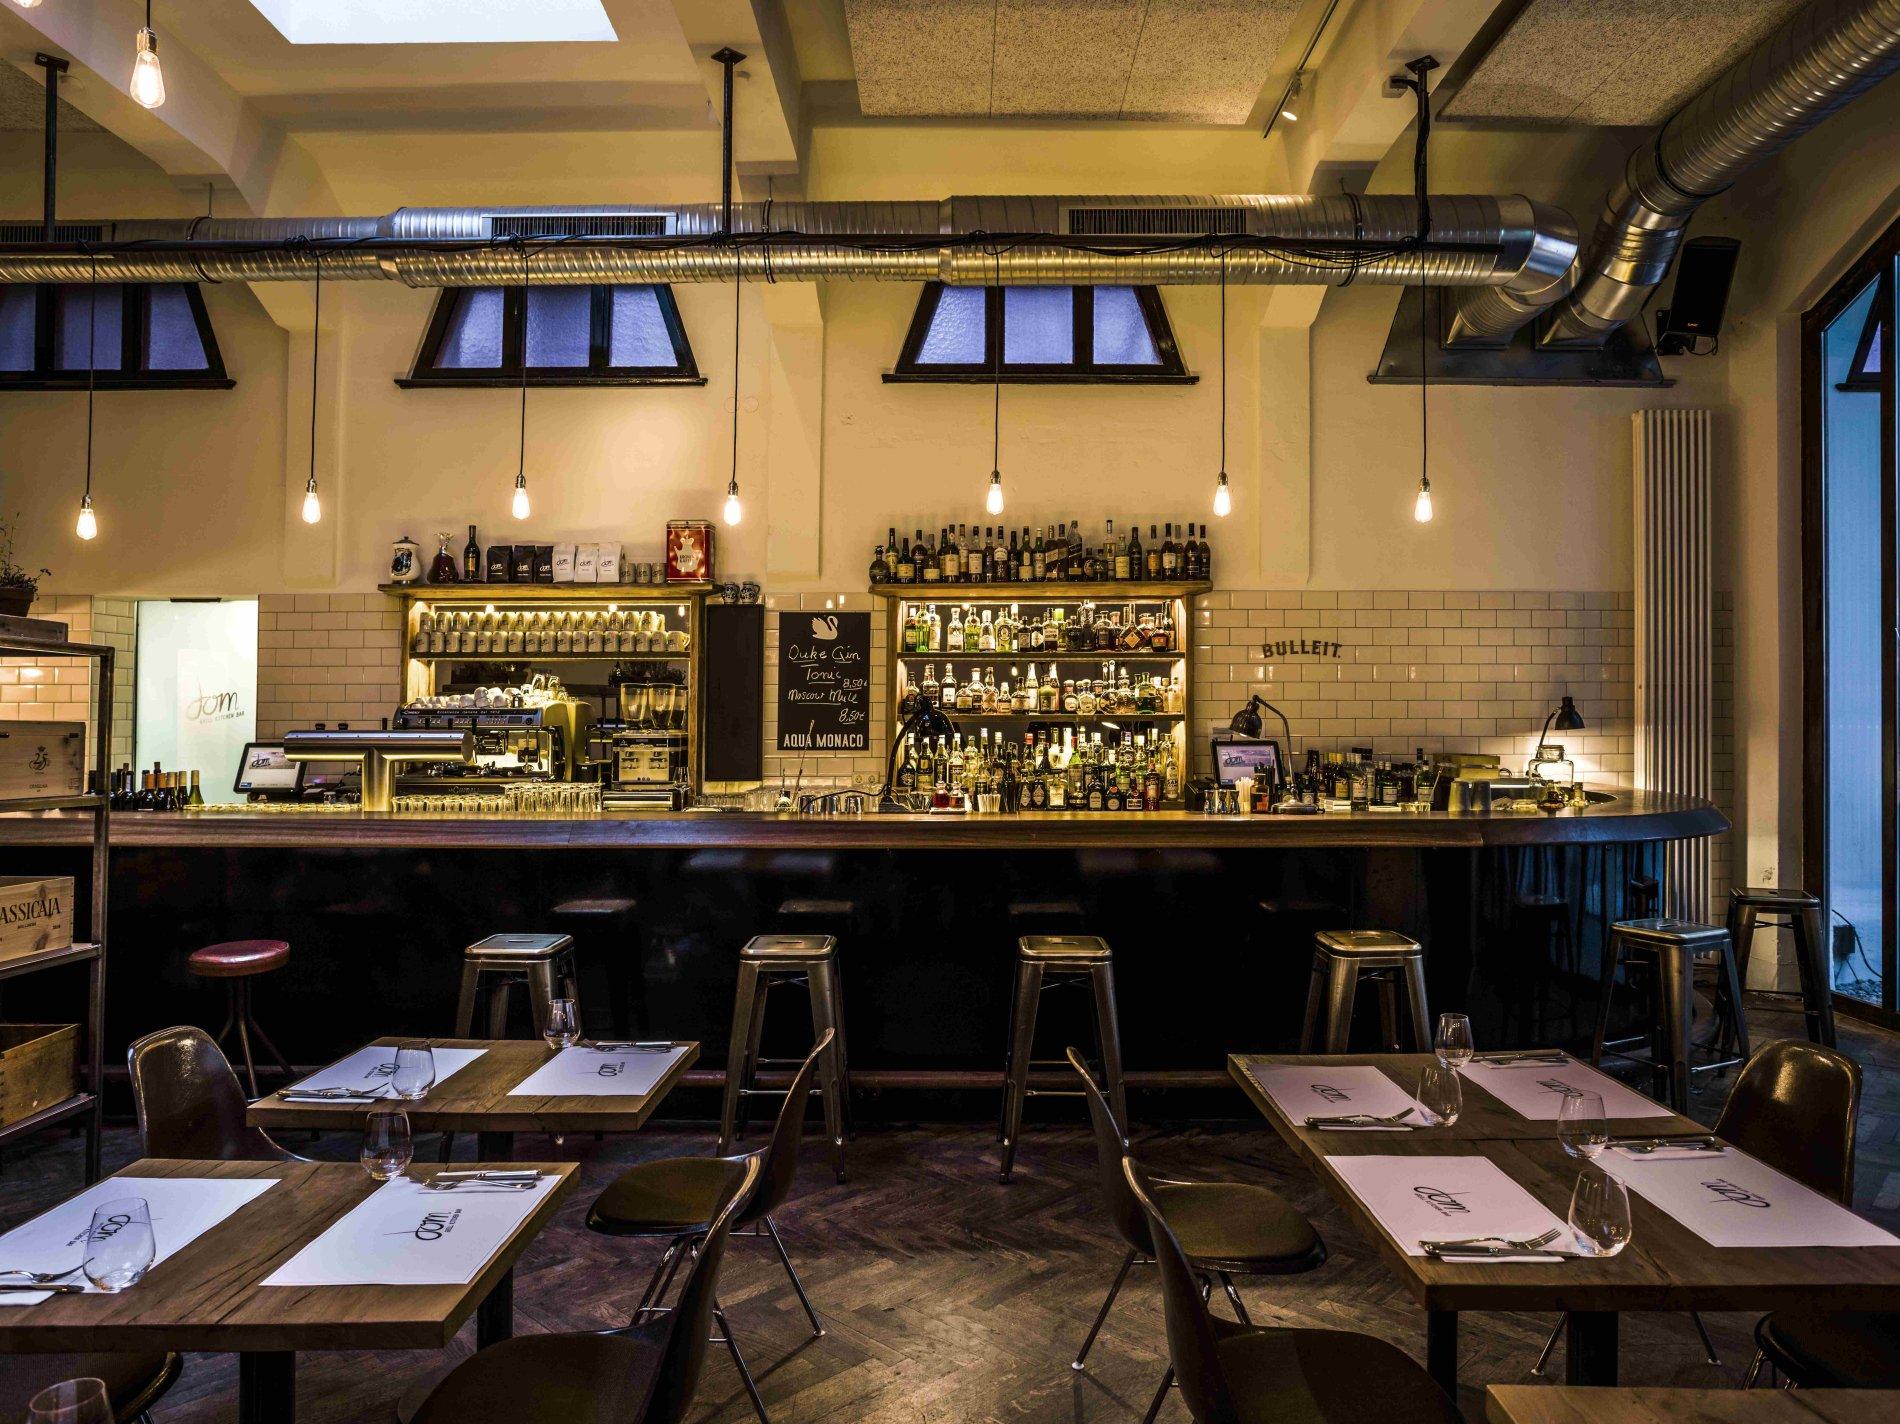 Dom - Grill Kitchen Bar Innenansicht